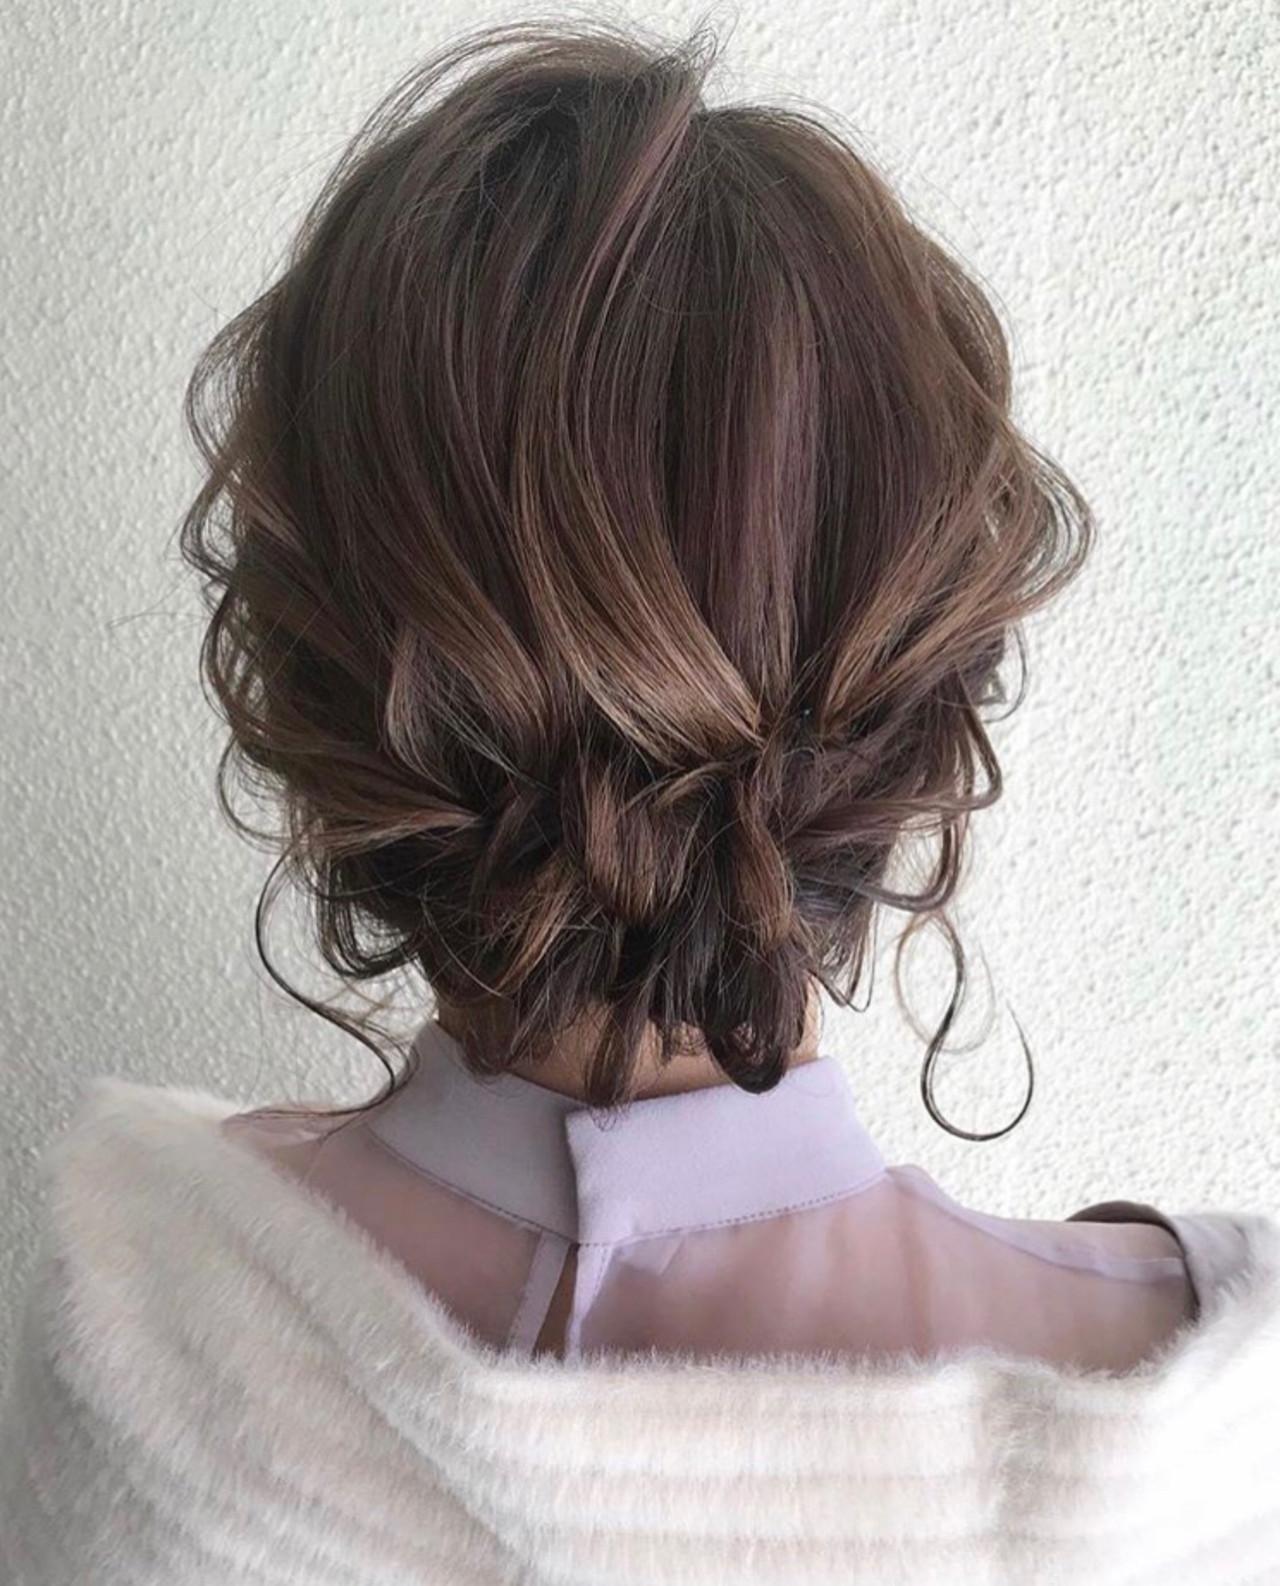 ヘアアレンジ 簡単ヘアアレンジ ボブ 黒髪 ヘアスタイルや髪型の写真・画像 | 三木 奨太 / hair set salon  IRIS